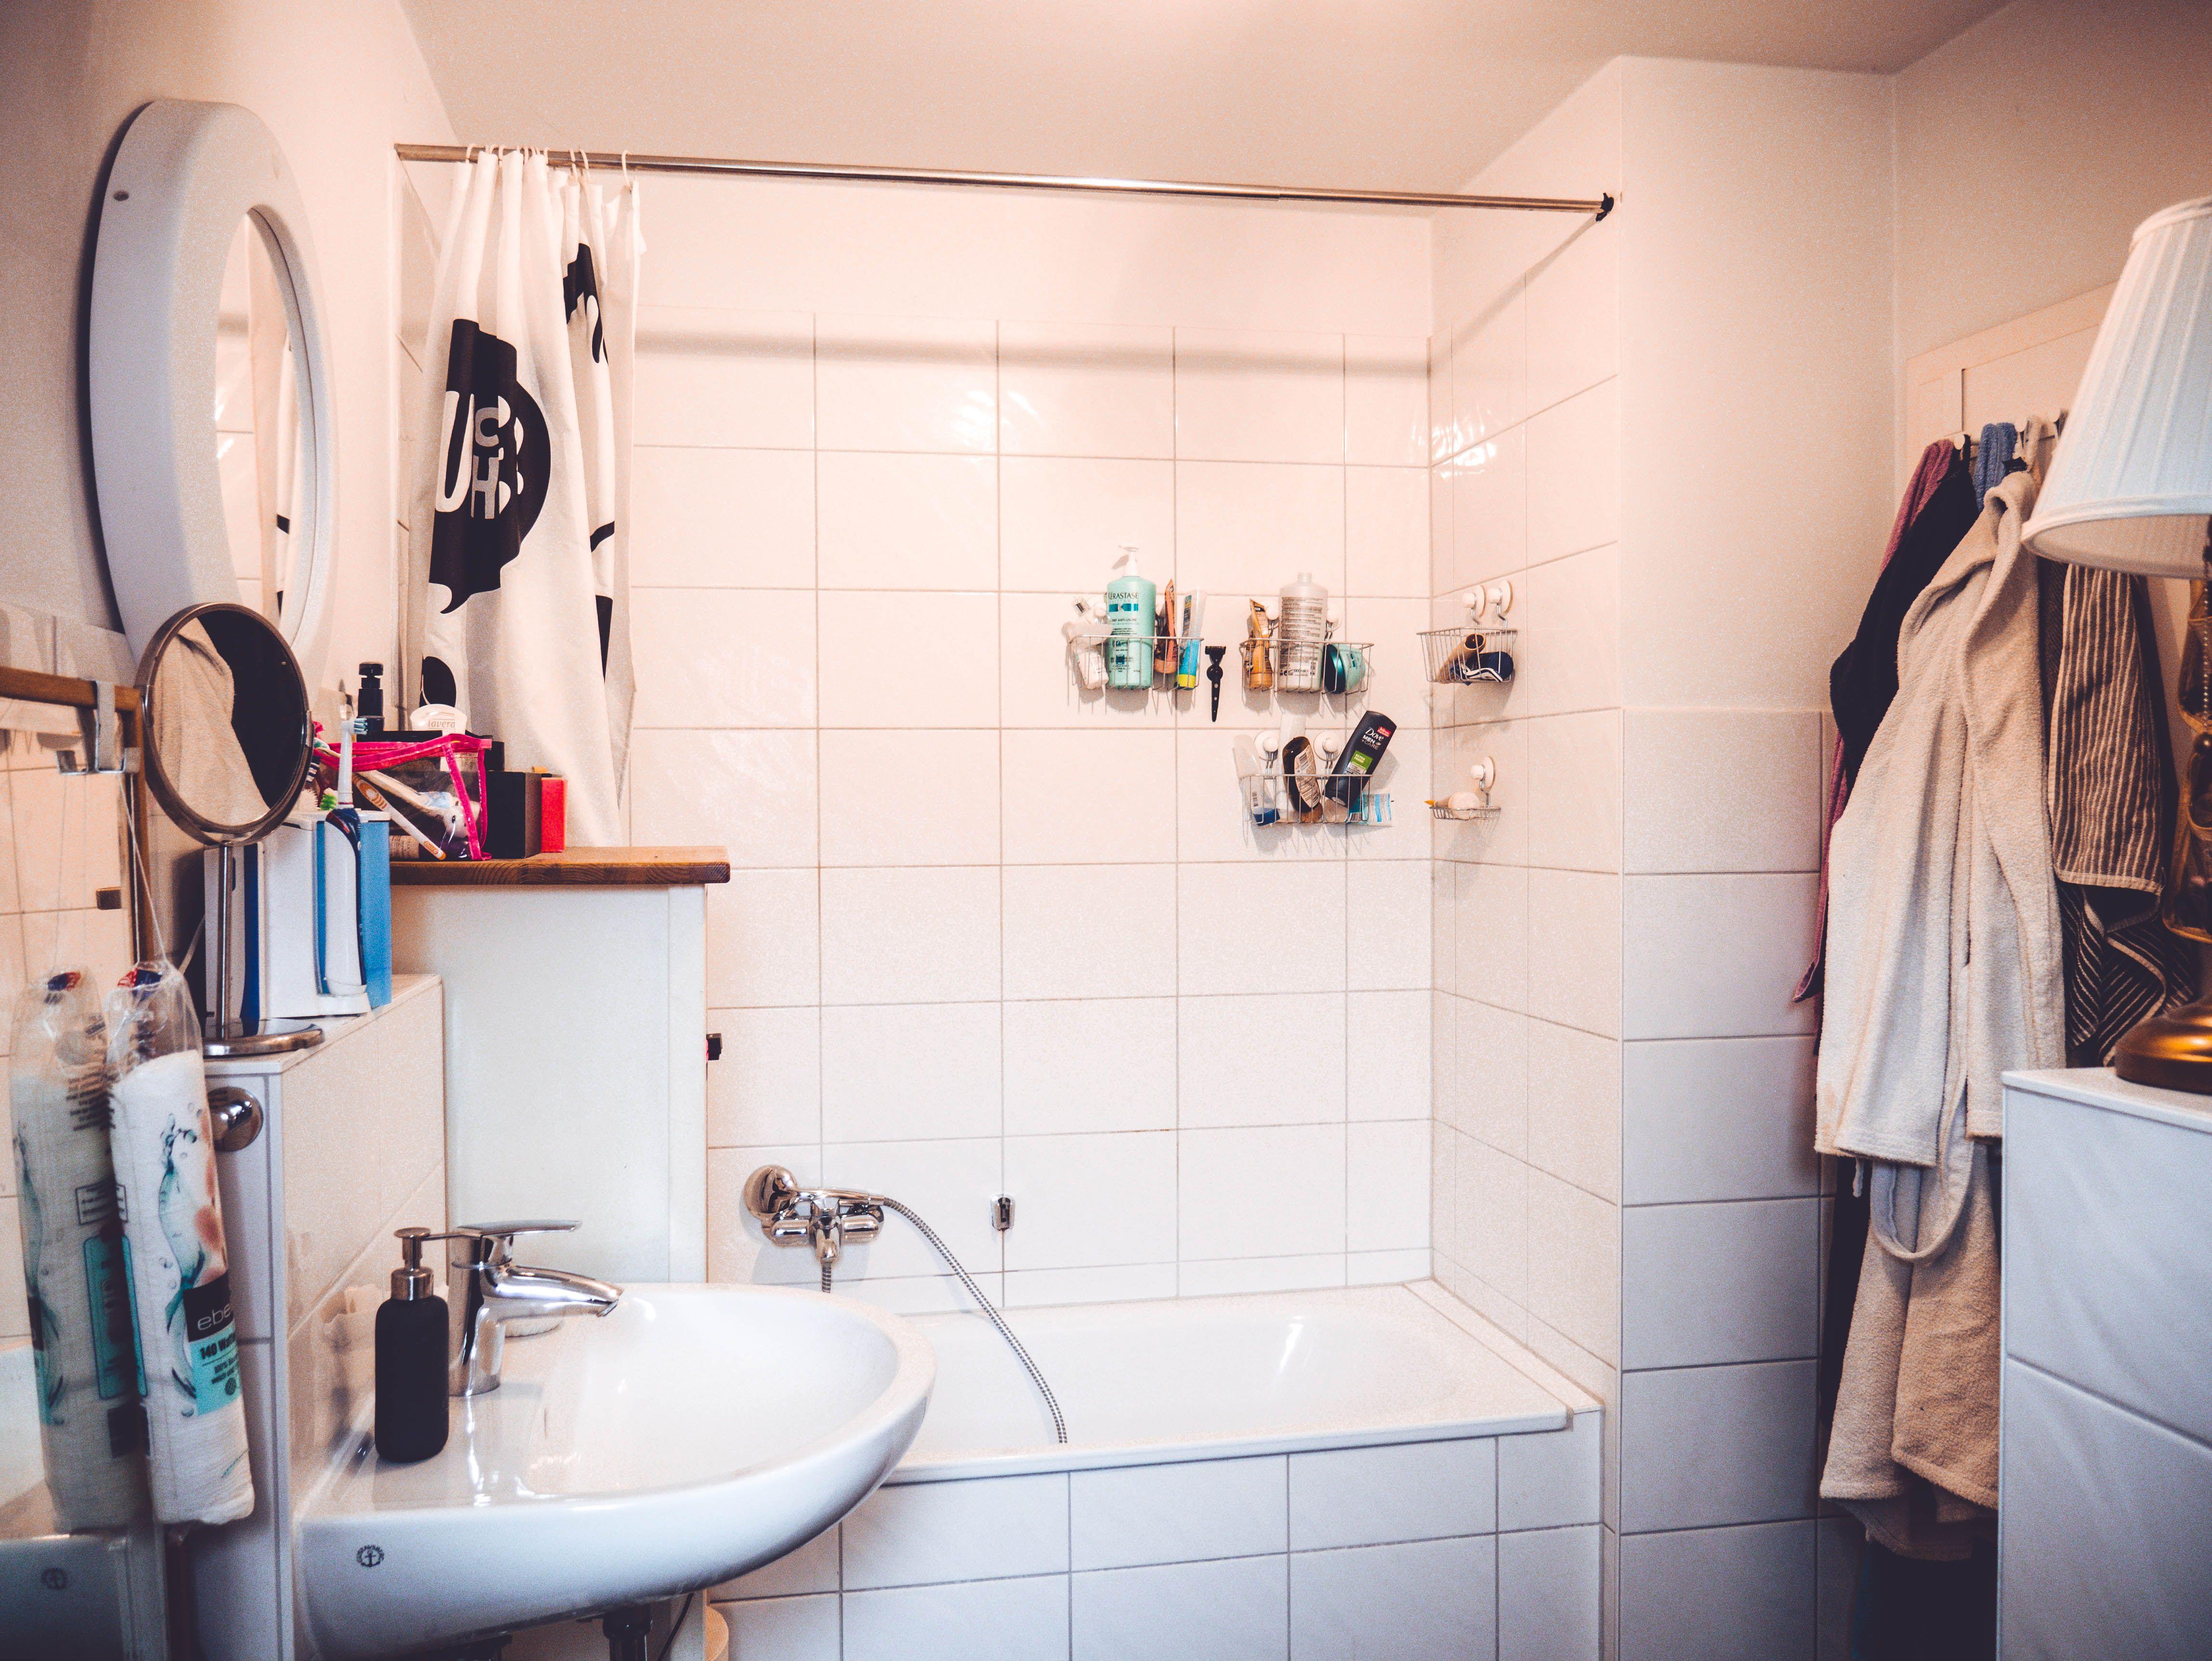 Damit Es Auch Im Wg Badezimmer Immer Ordentlich Bleibt Muss